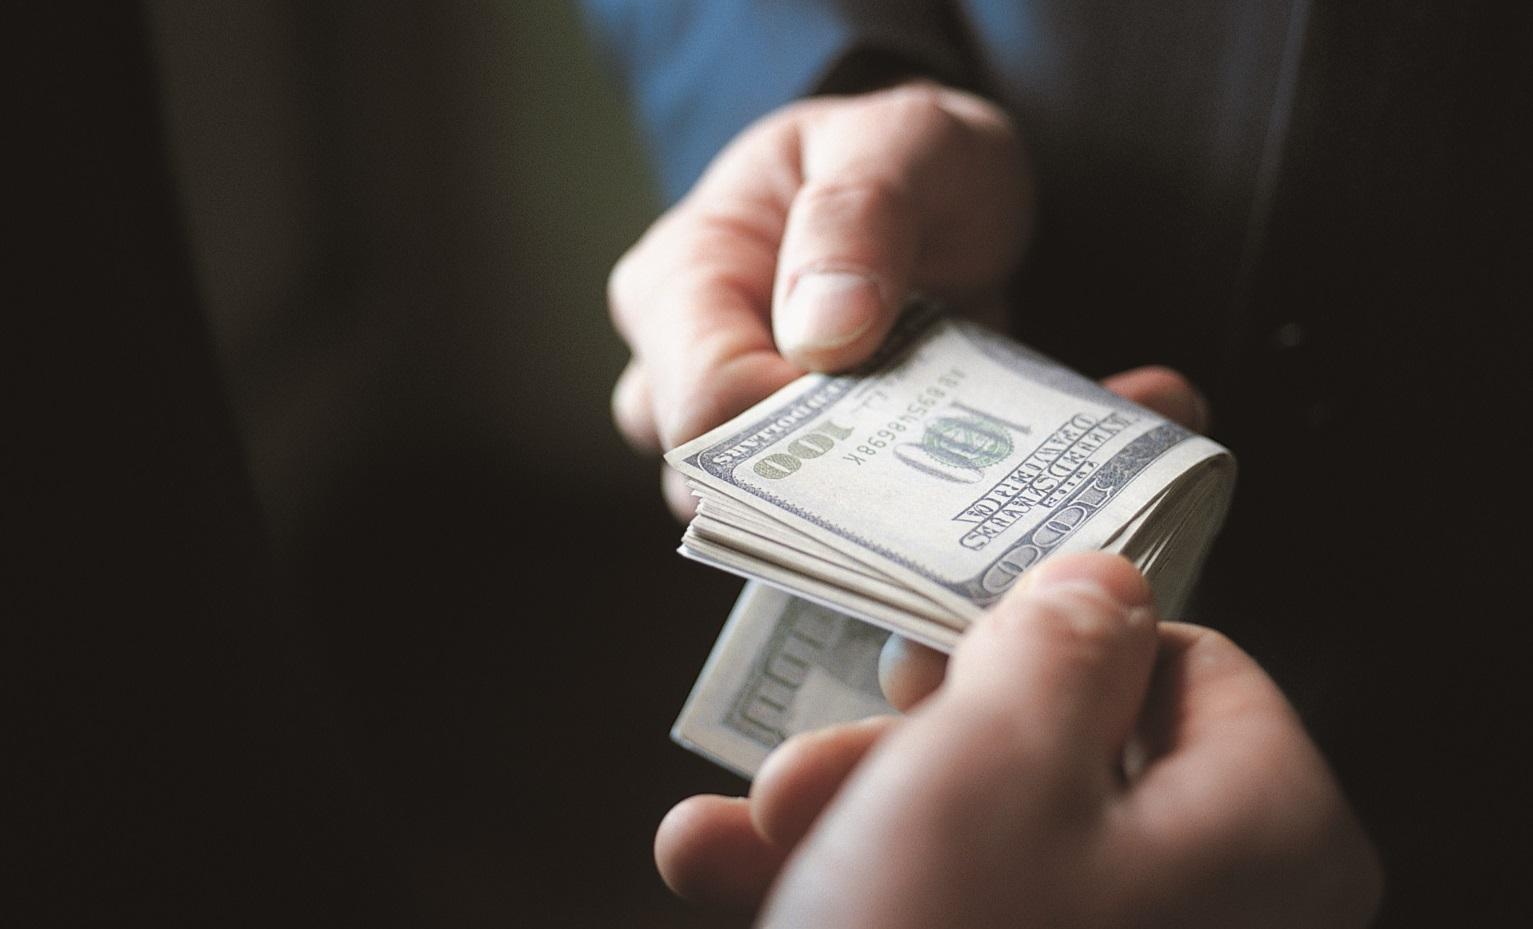 Налоговая служба, таможня и Агентство земельных ресурсов возглавляют коррупционный антирейтинг